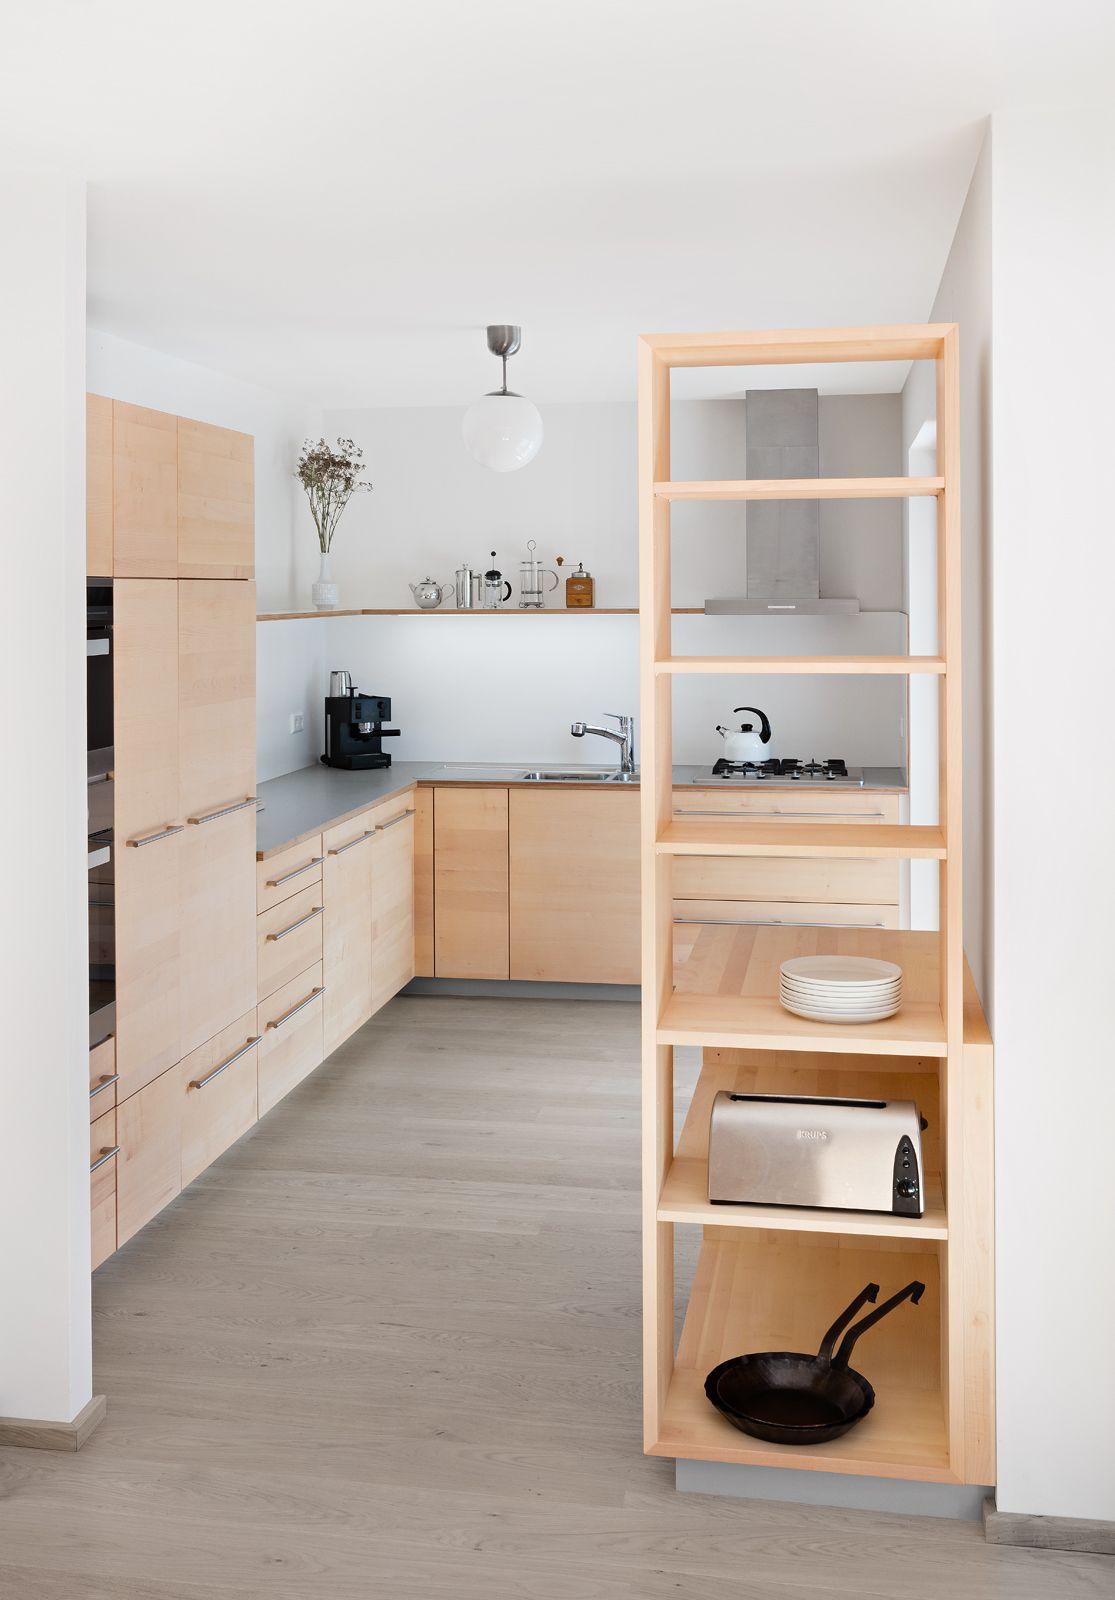 Full Size of Elegante Vollholzkche In L Form Mit Dunkler Arbeitsplatte Vollholzküche Küche Vollholzküche